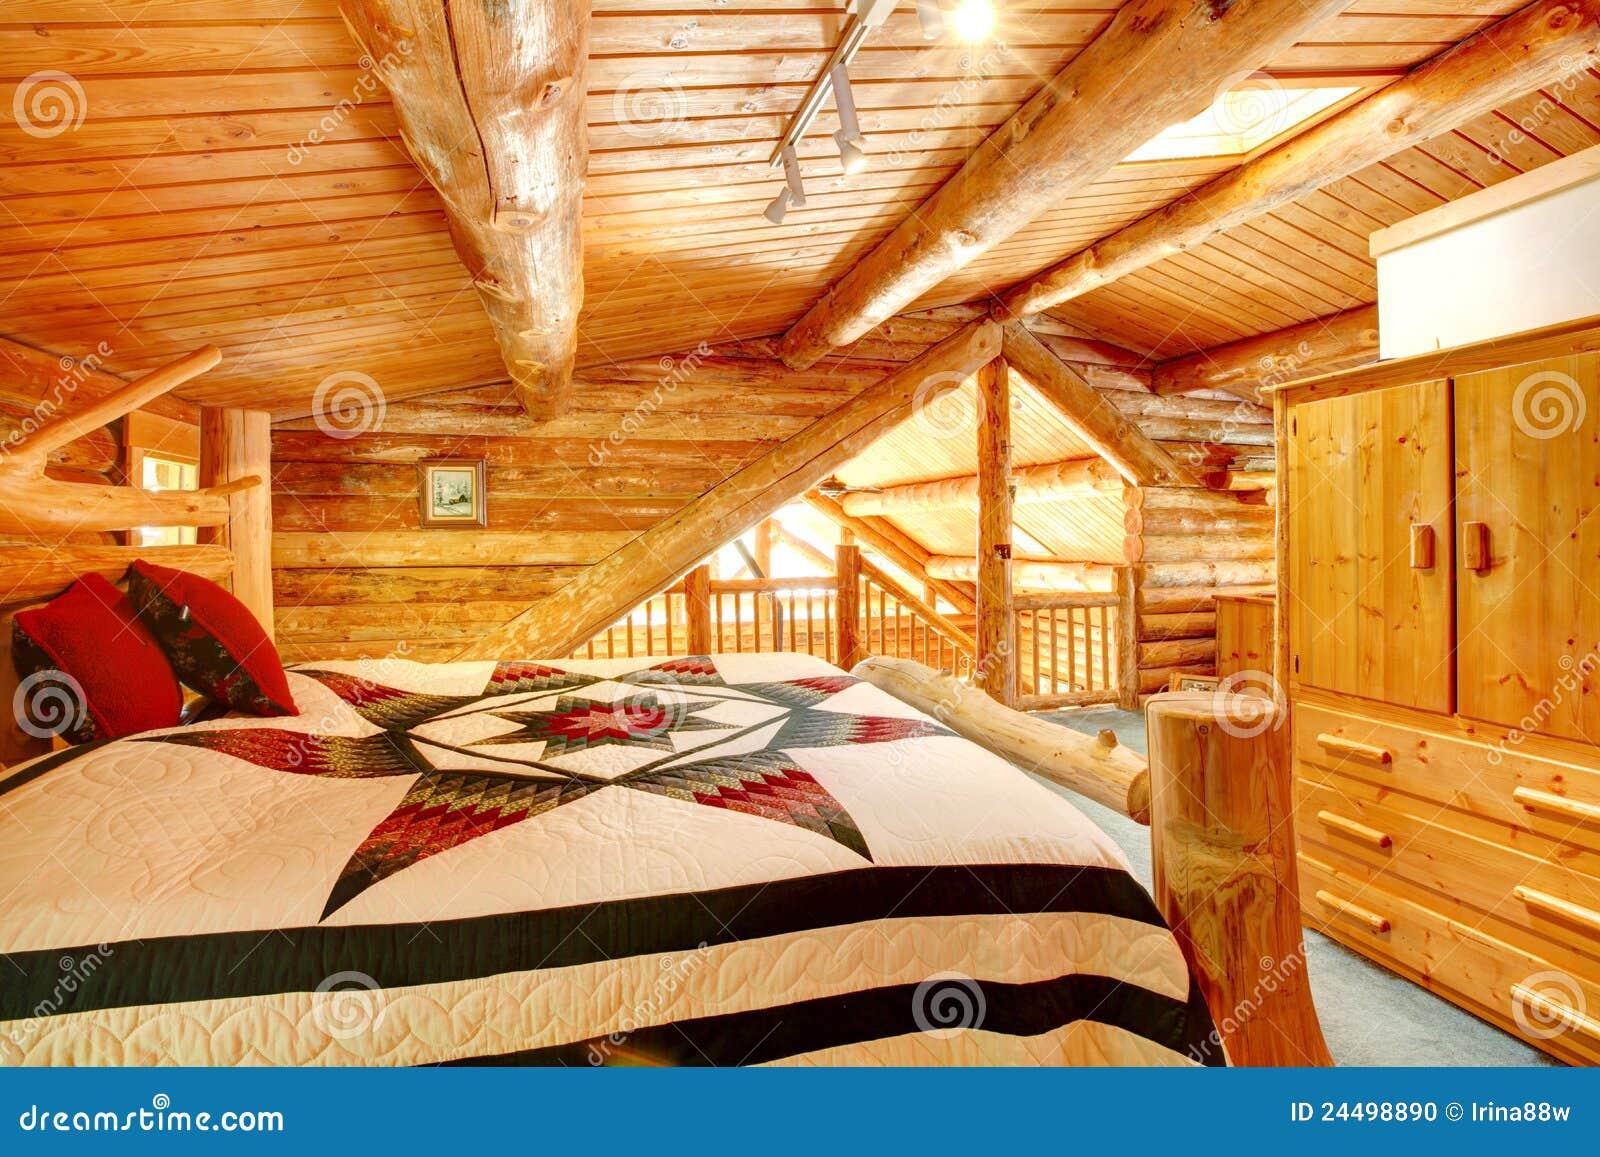 De slaapkamer van het blokhuis onder houten groot plafond. stock ...